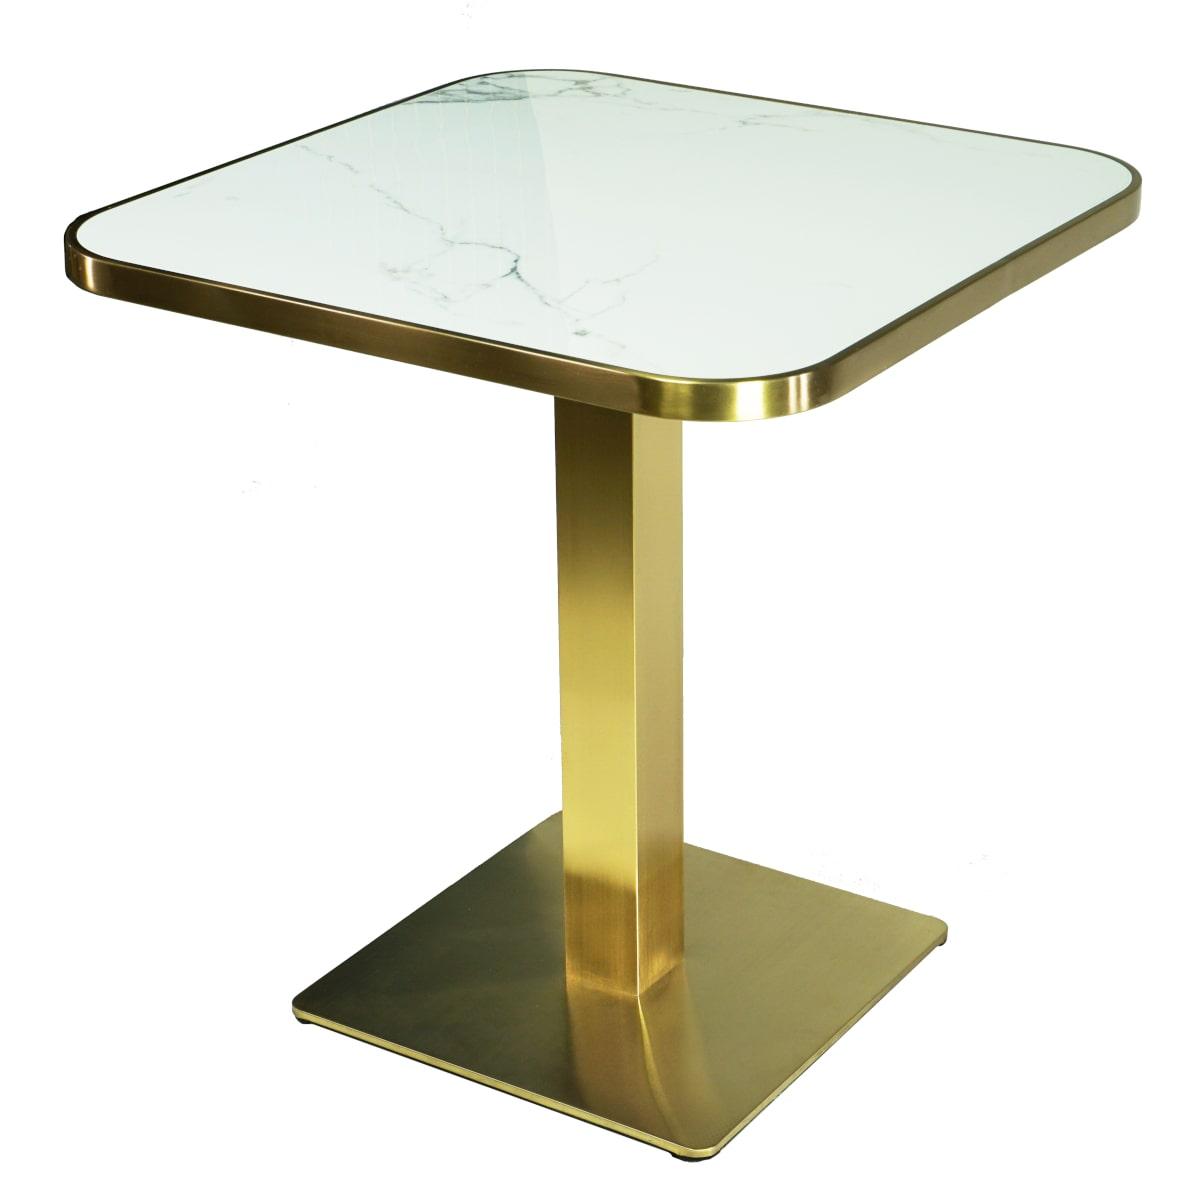 Kleiner Esstisch quadratisch Marmor weiß Gestell goldenes Messing